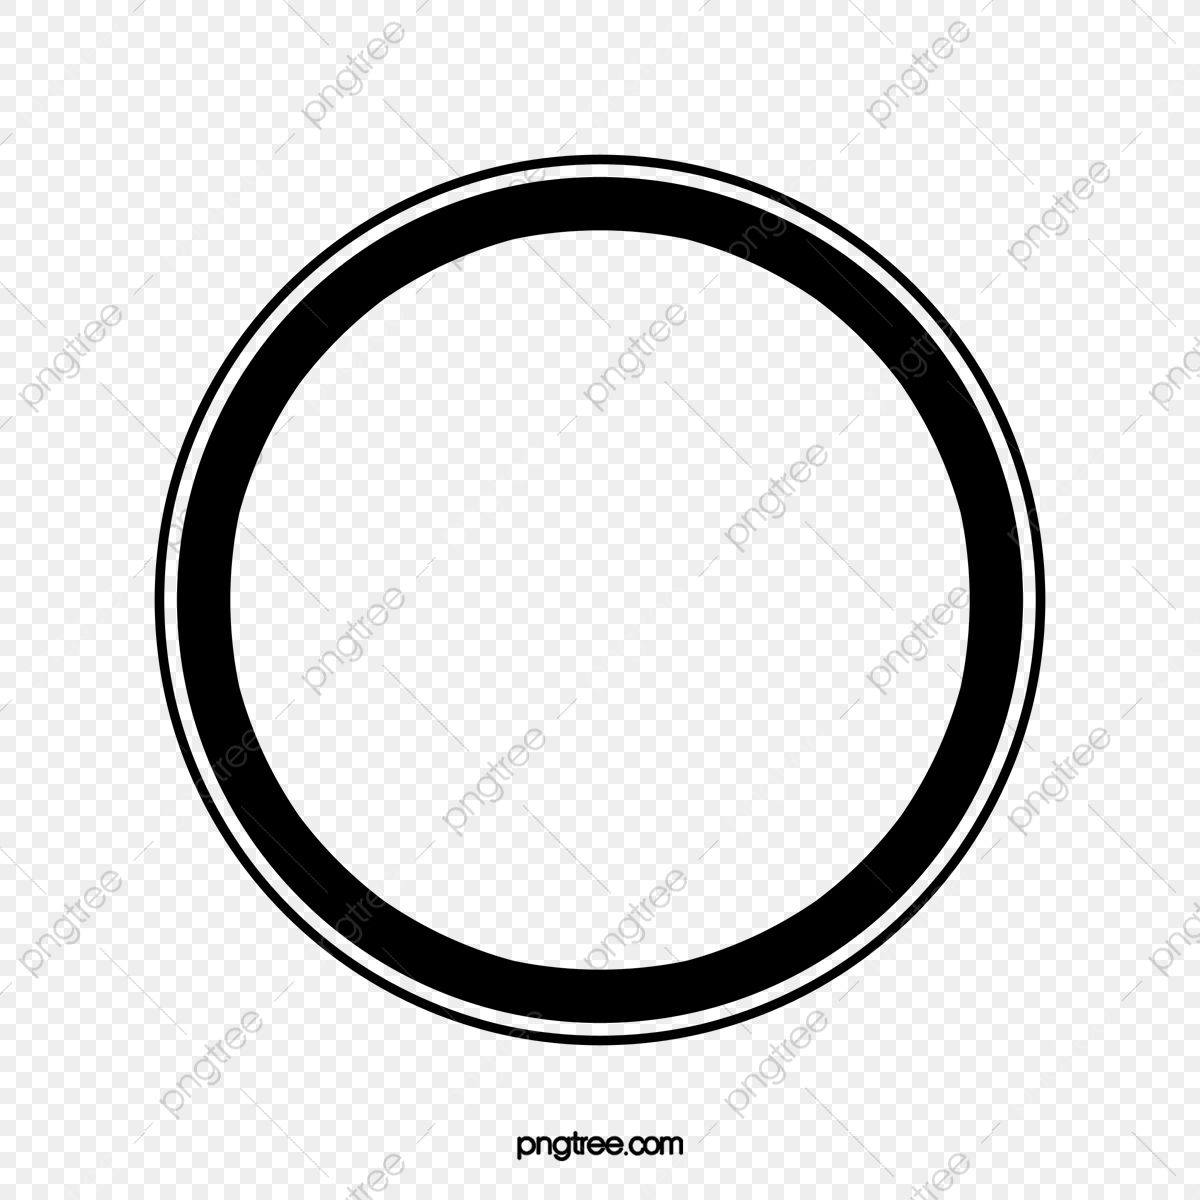 Black Circles Circular Circle Clipart Black Circles Png Transparent Clipart Image And Psd File For Free Download Circle Clipart Circle Logo Design Circle